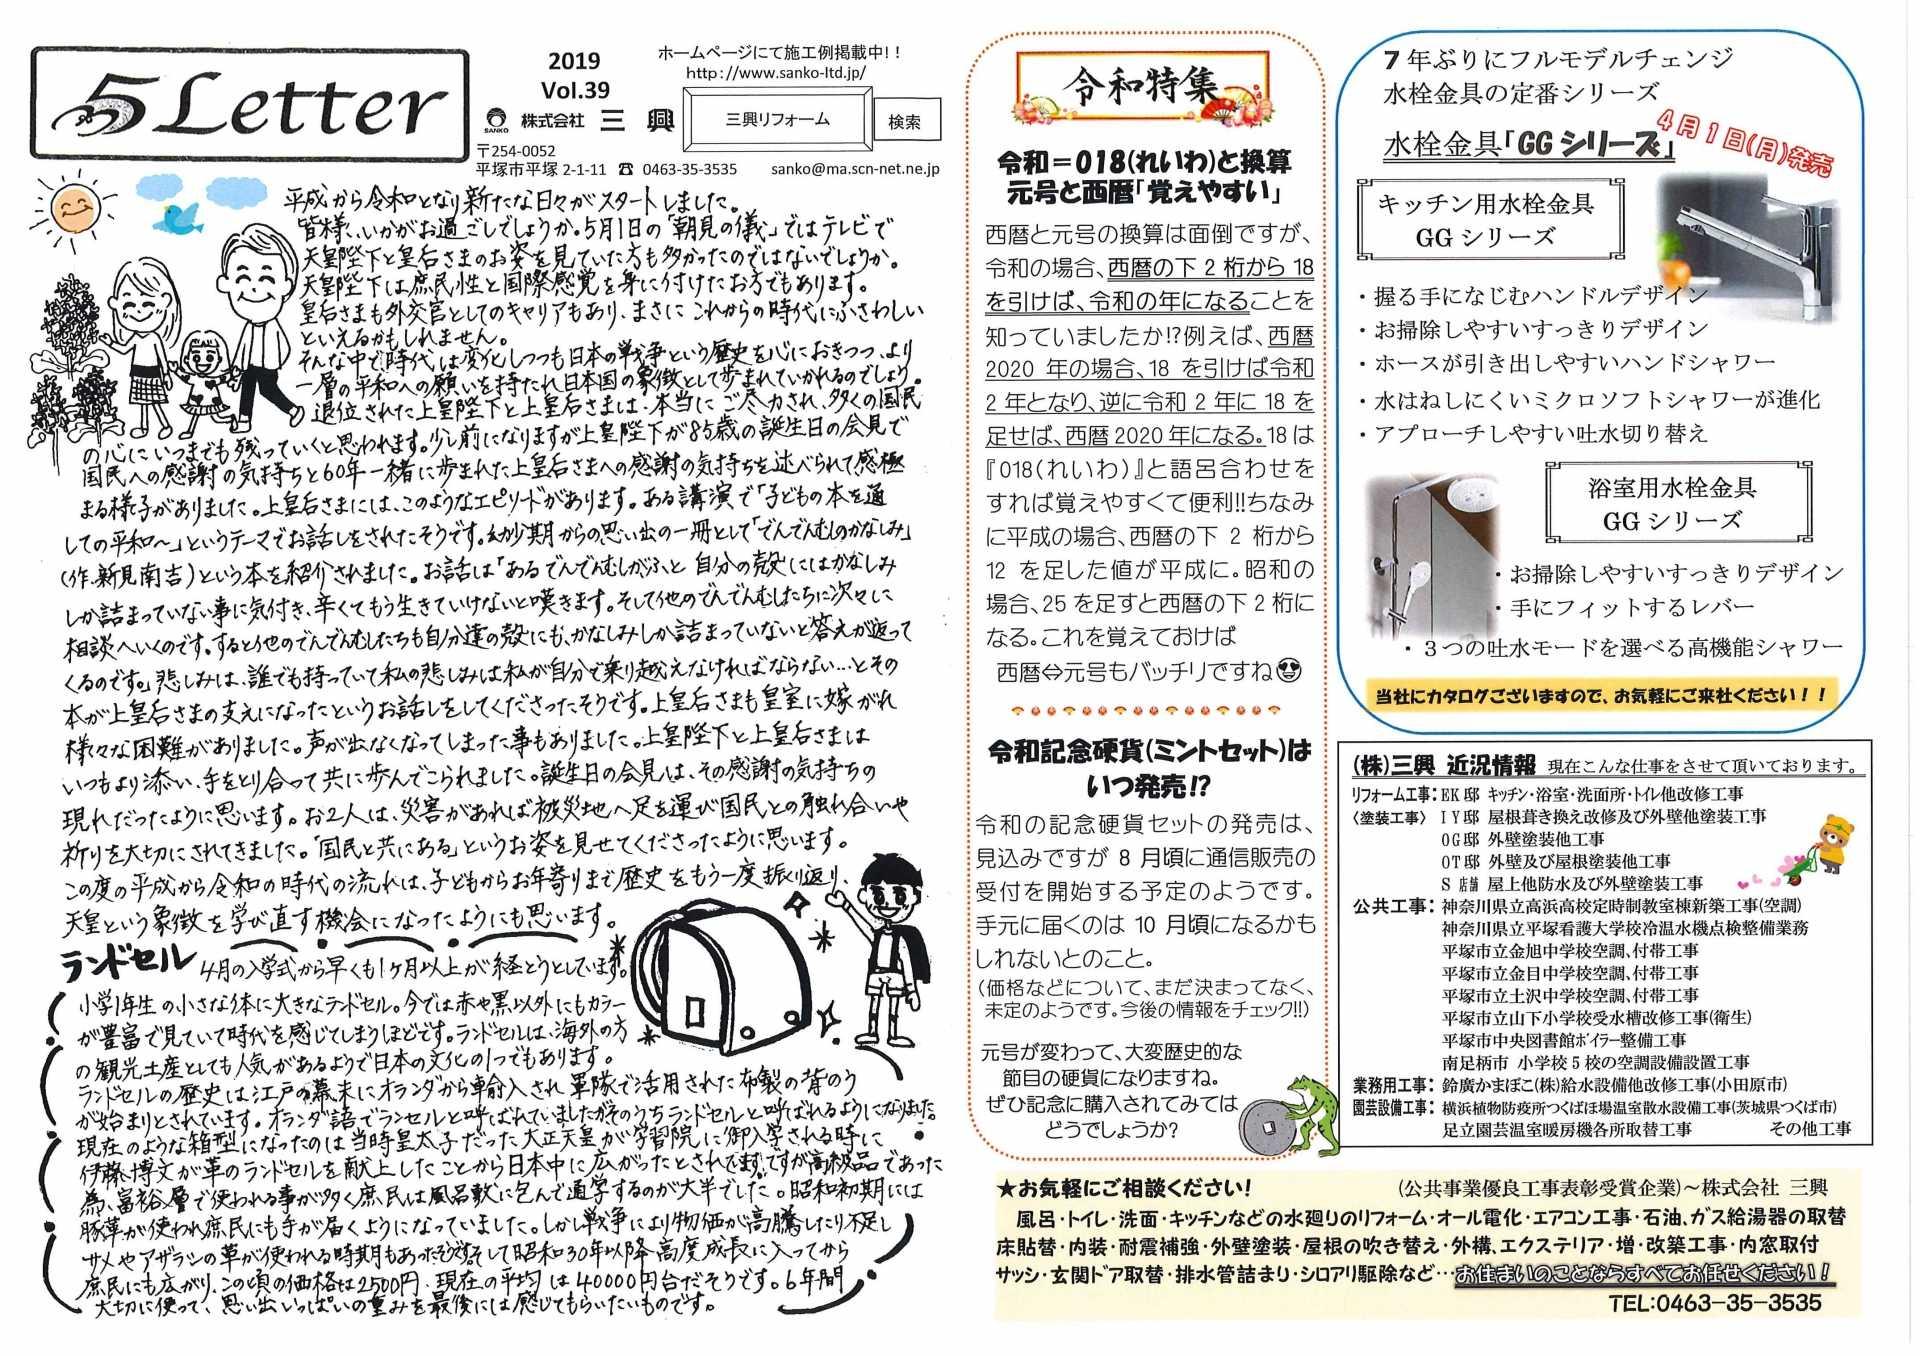 最新号35レター出ました!(vol.39)